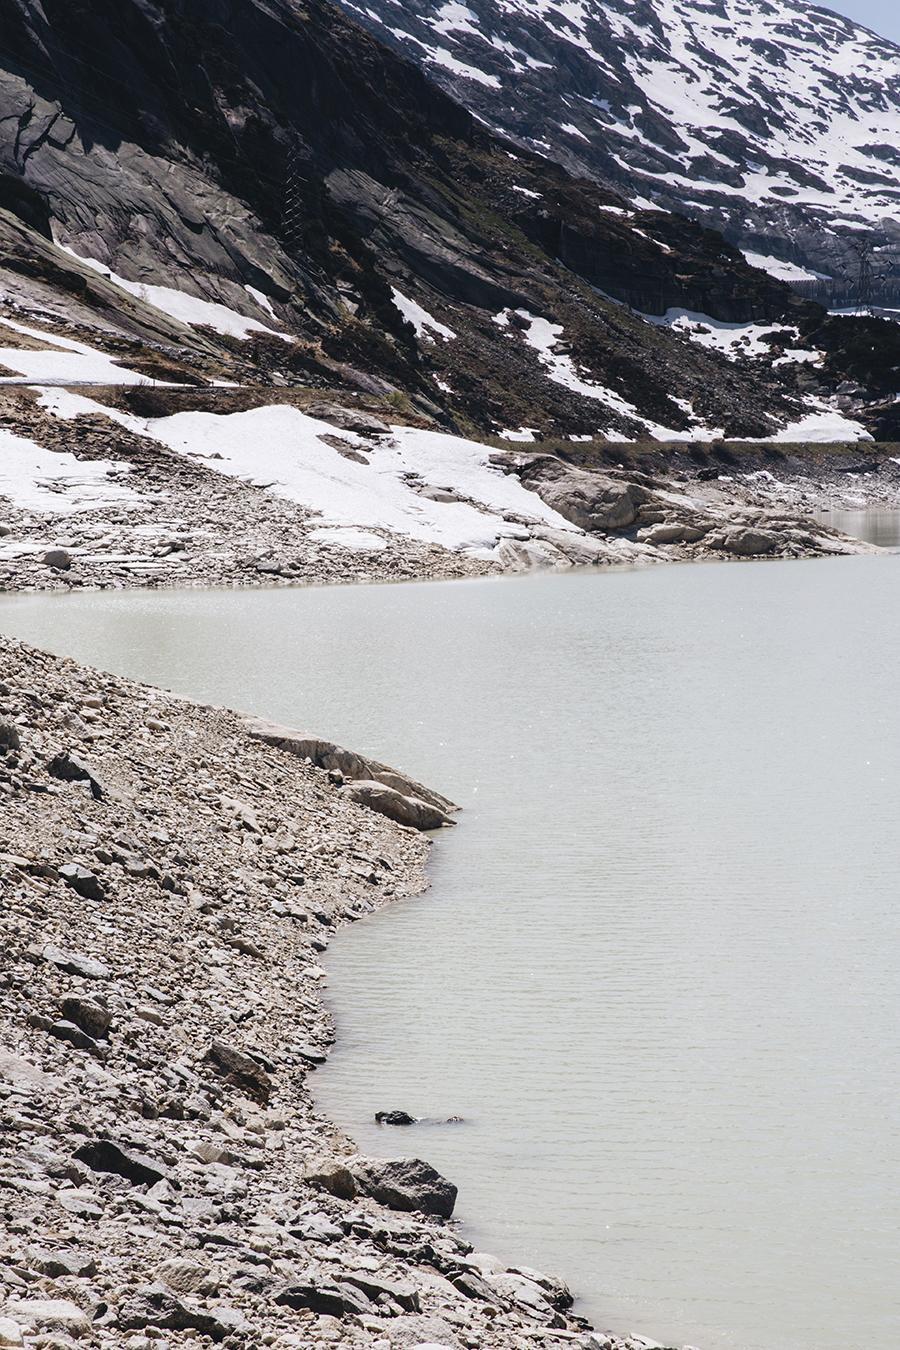 roadtrip_la_suisse_park_veggis_mont_pilatus_col_de_grimsel_68